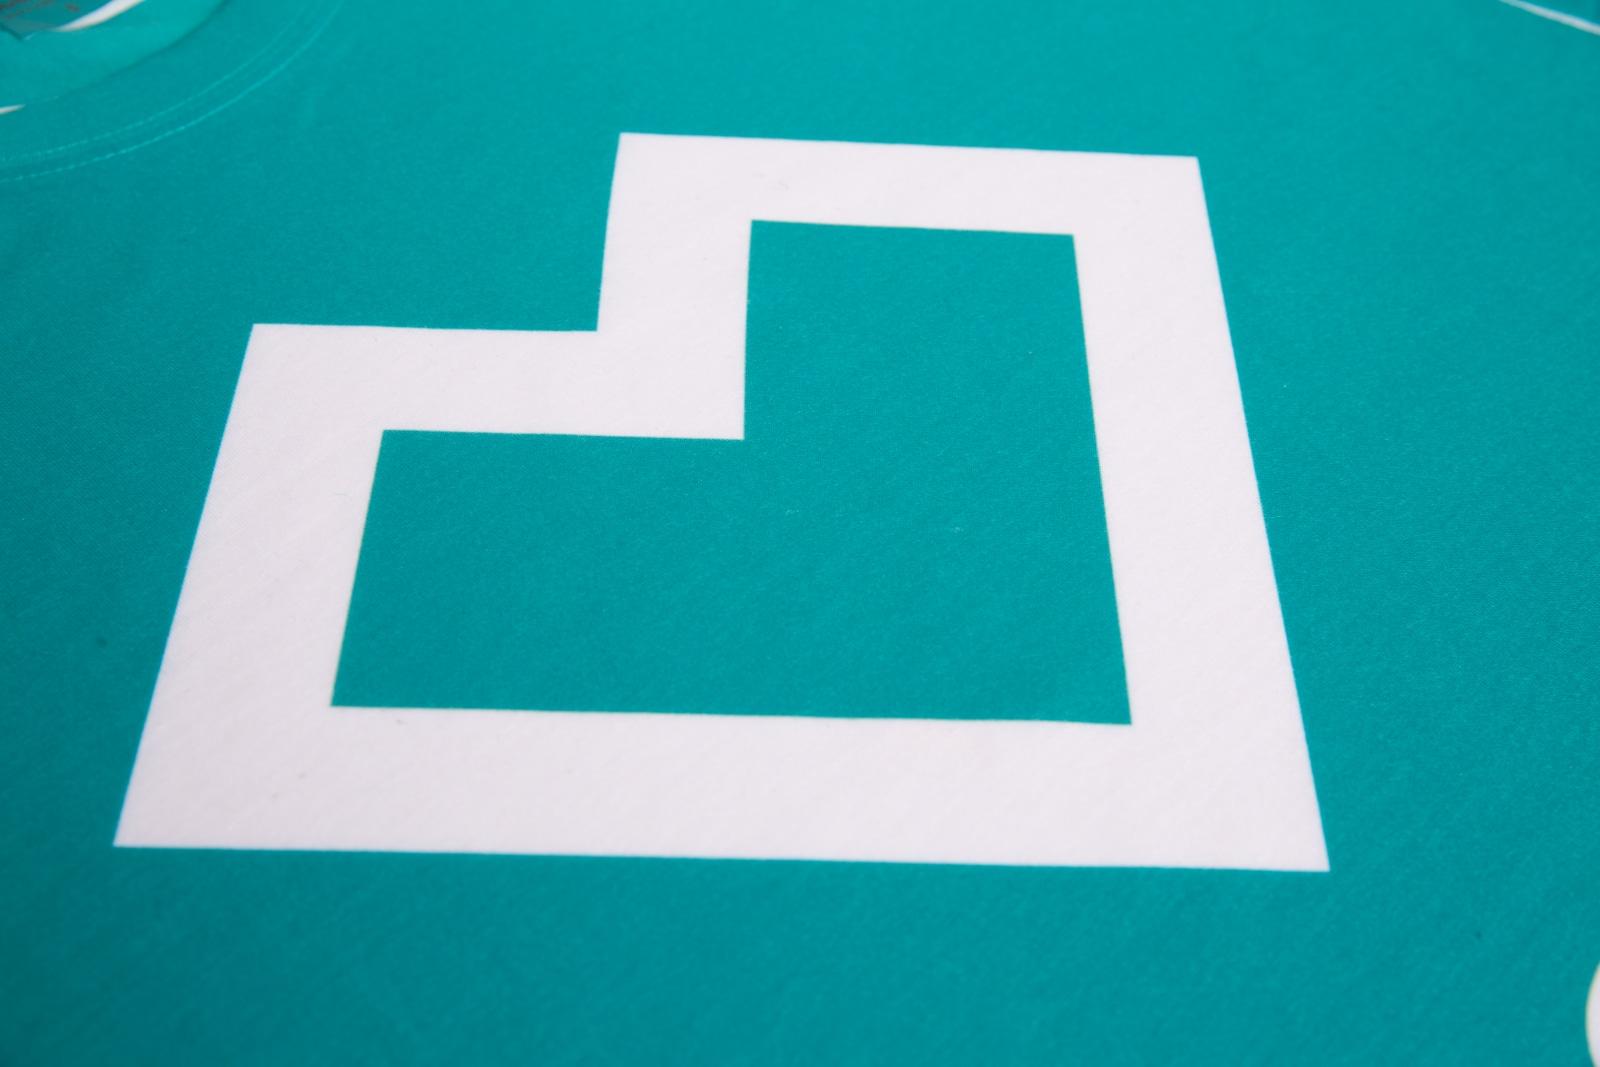 Logo de la société imprimé par sublimation sur vêtement